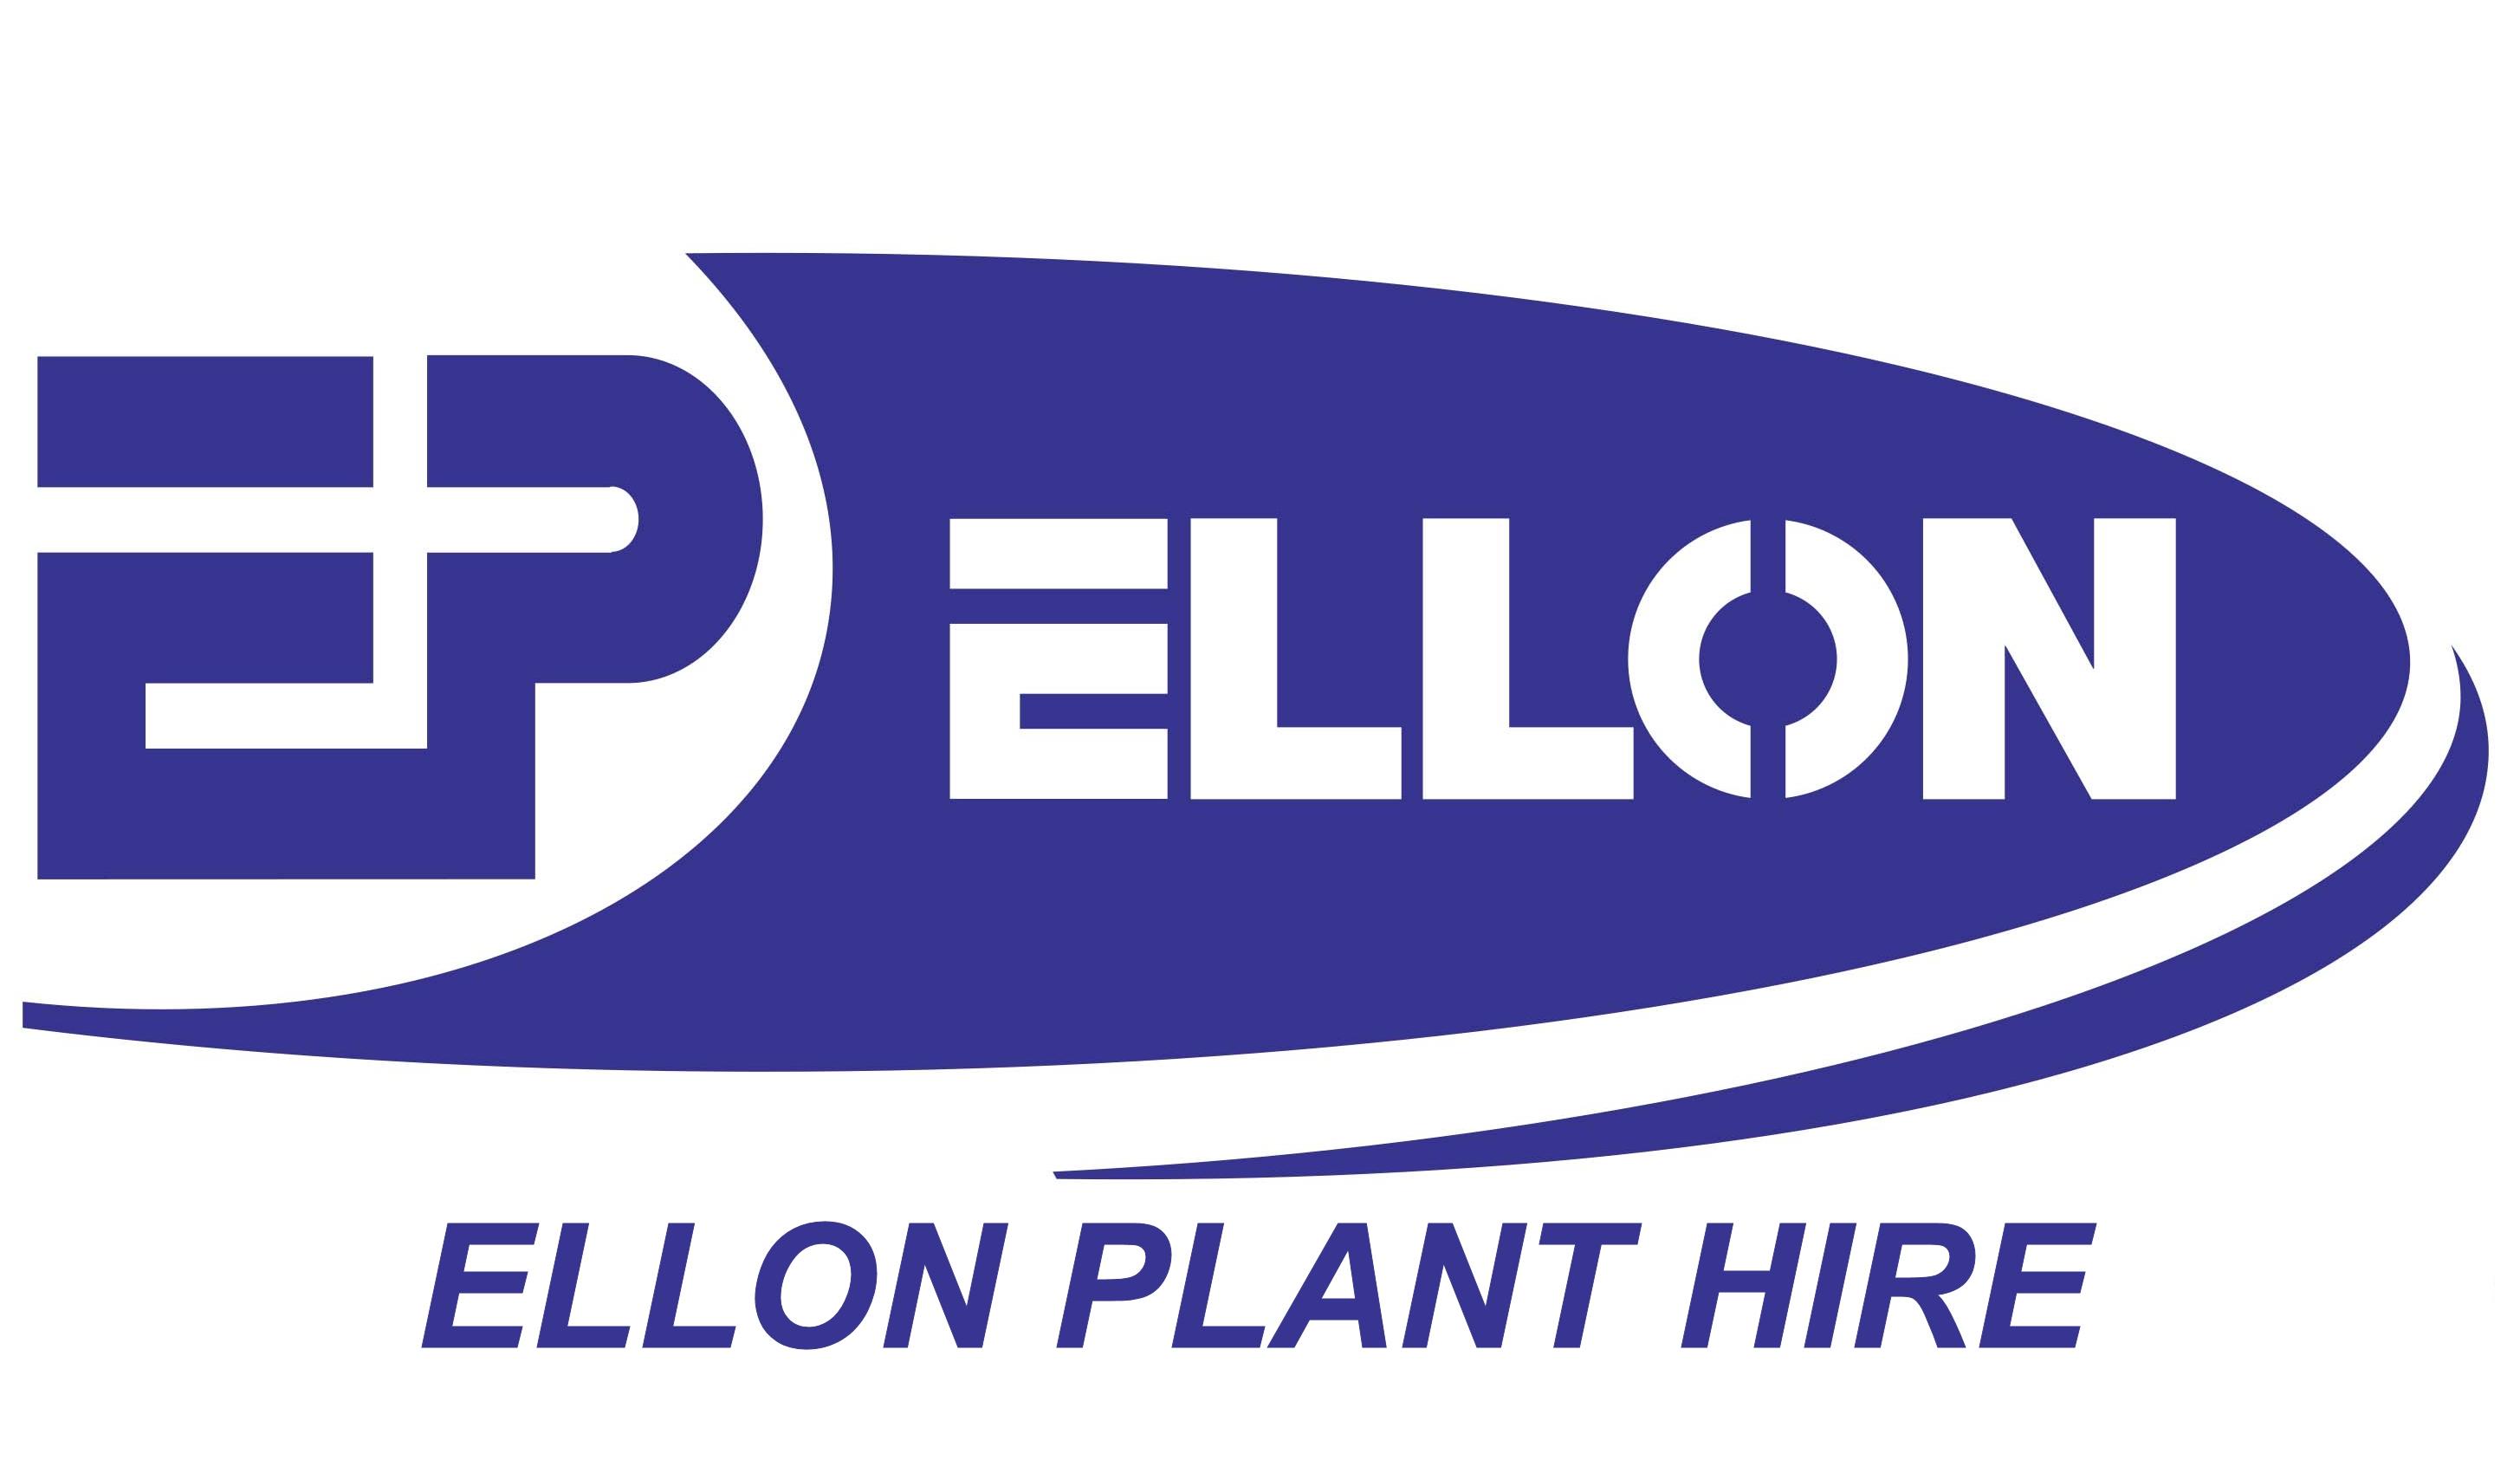 ellon_logos-1